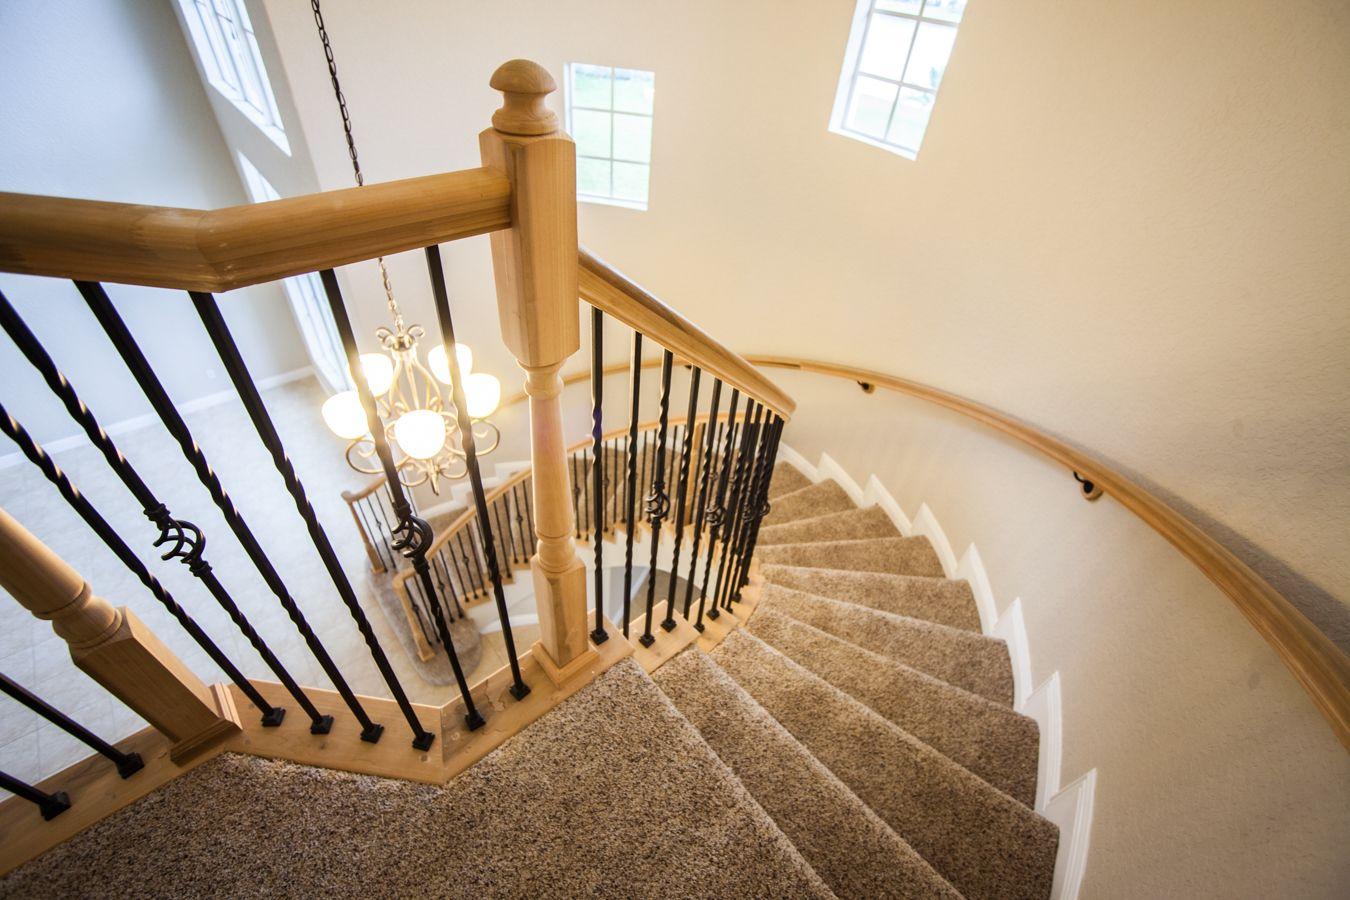 spiral staircase home design interior design interiors design spiral staircase home design interior design interiors design florida homes